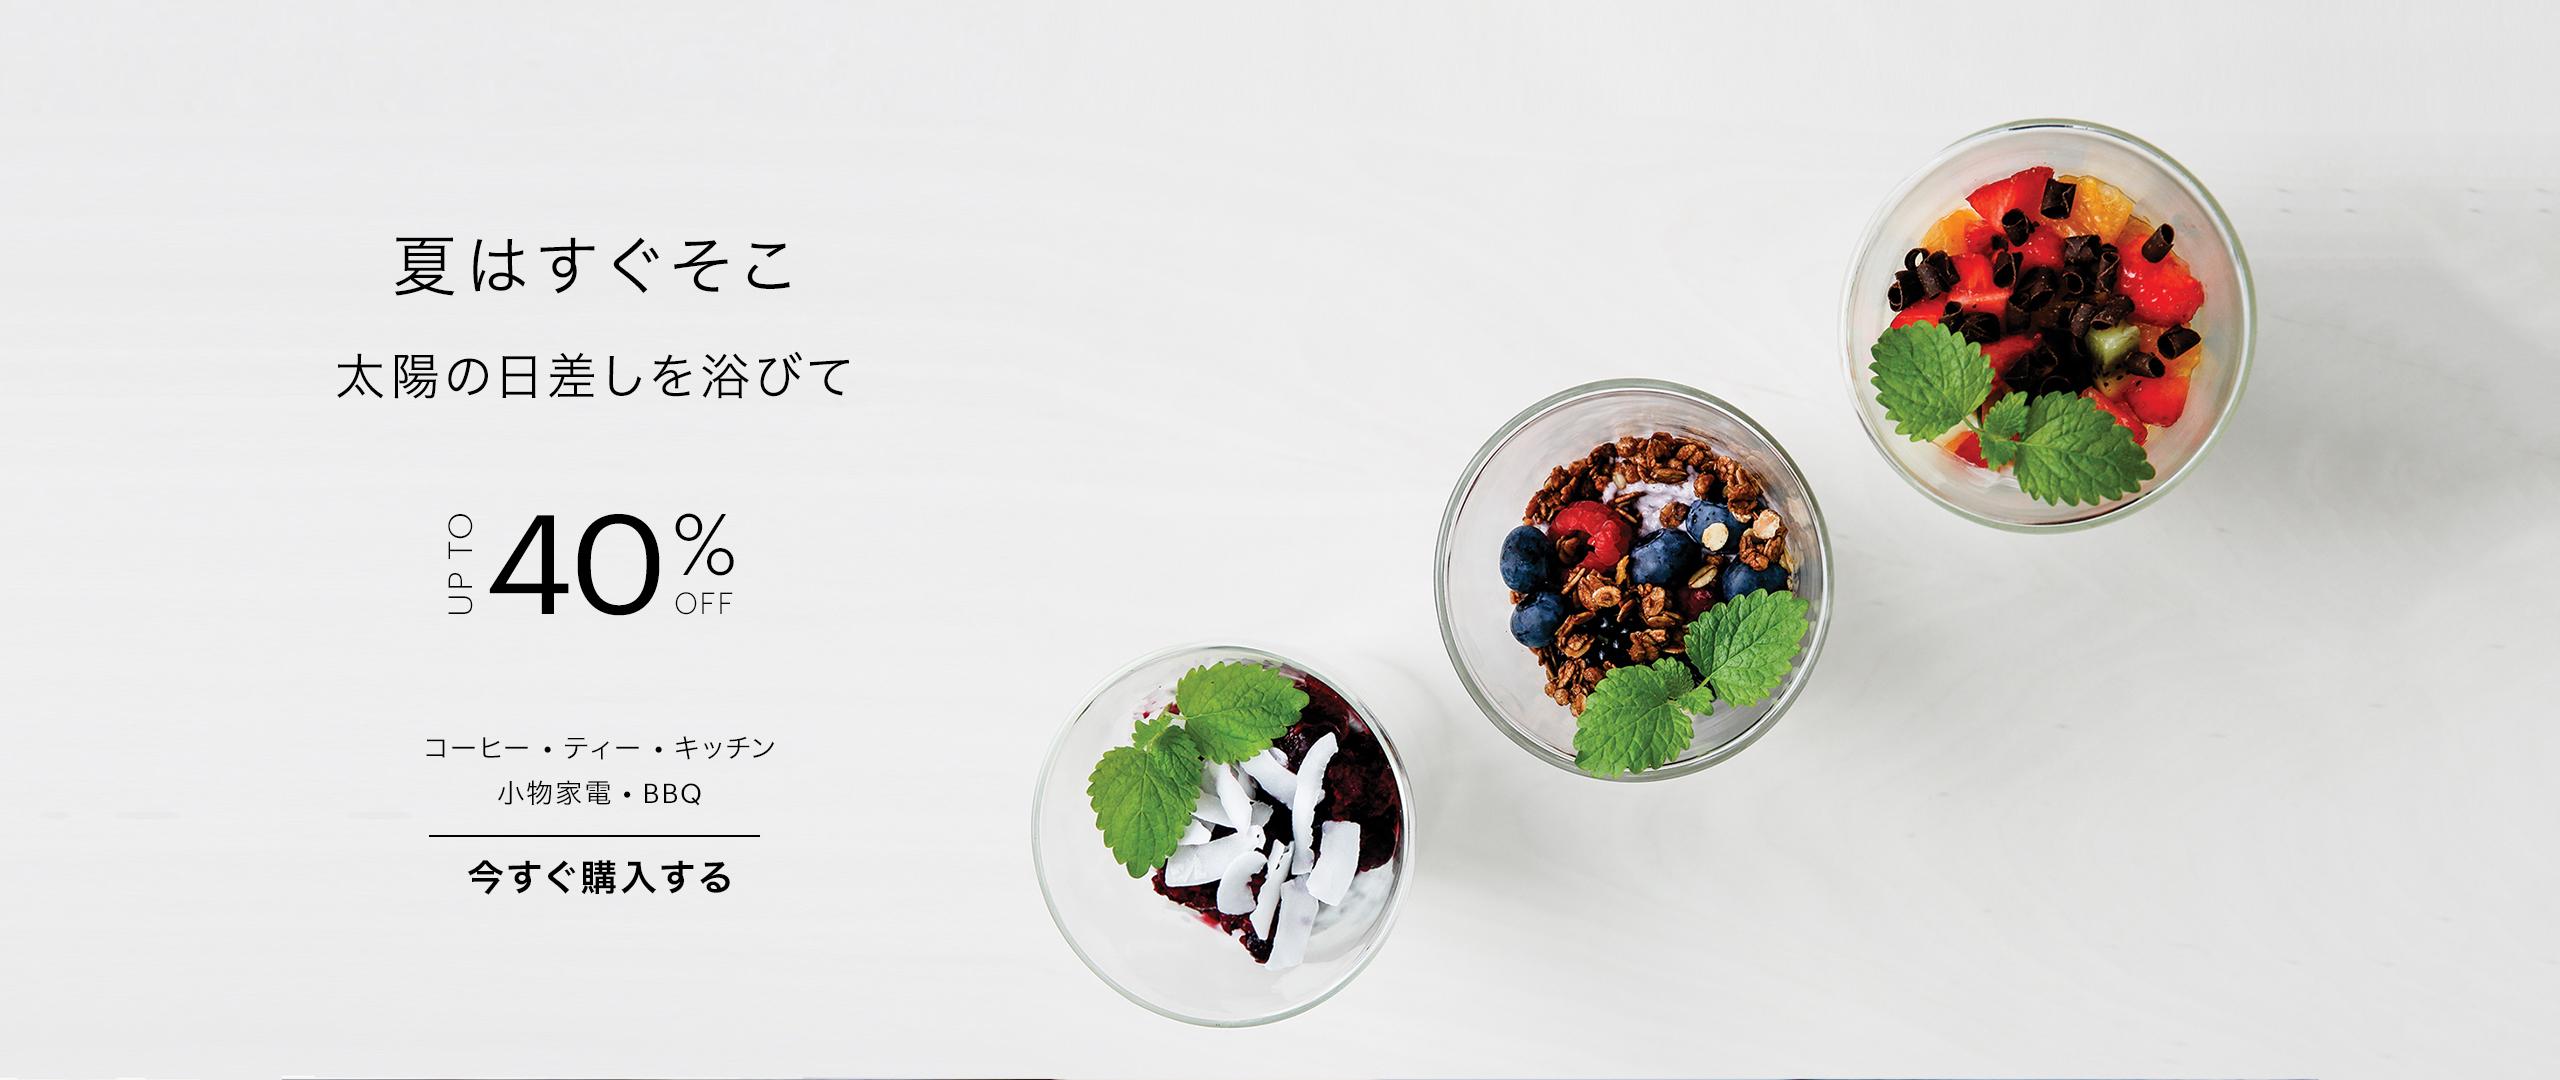 BJP [JA] - Tastes Like Summer